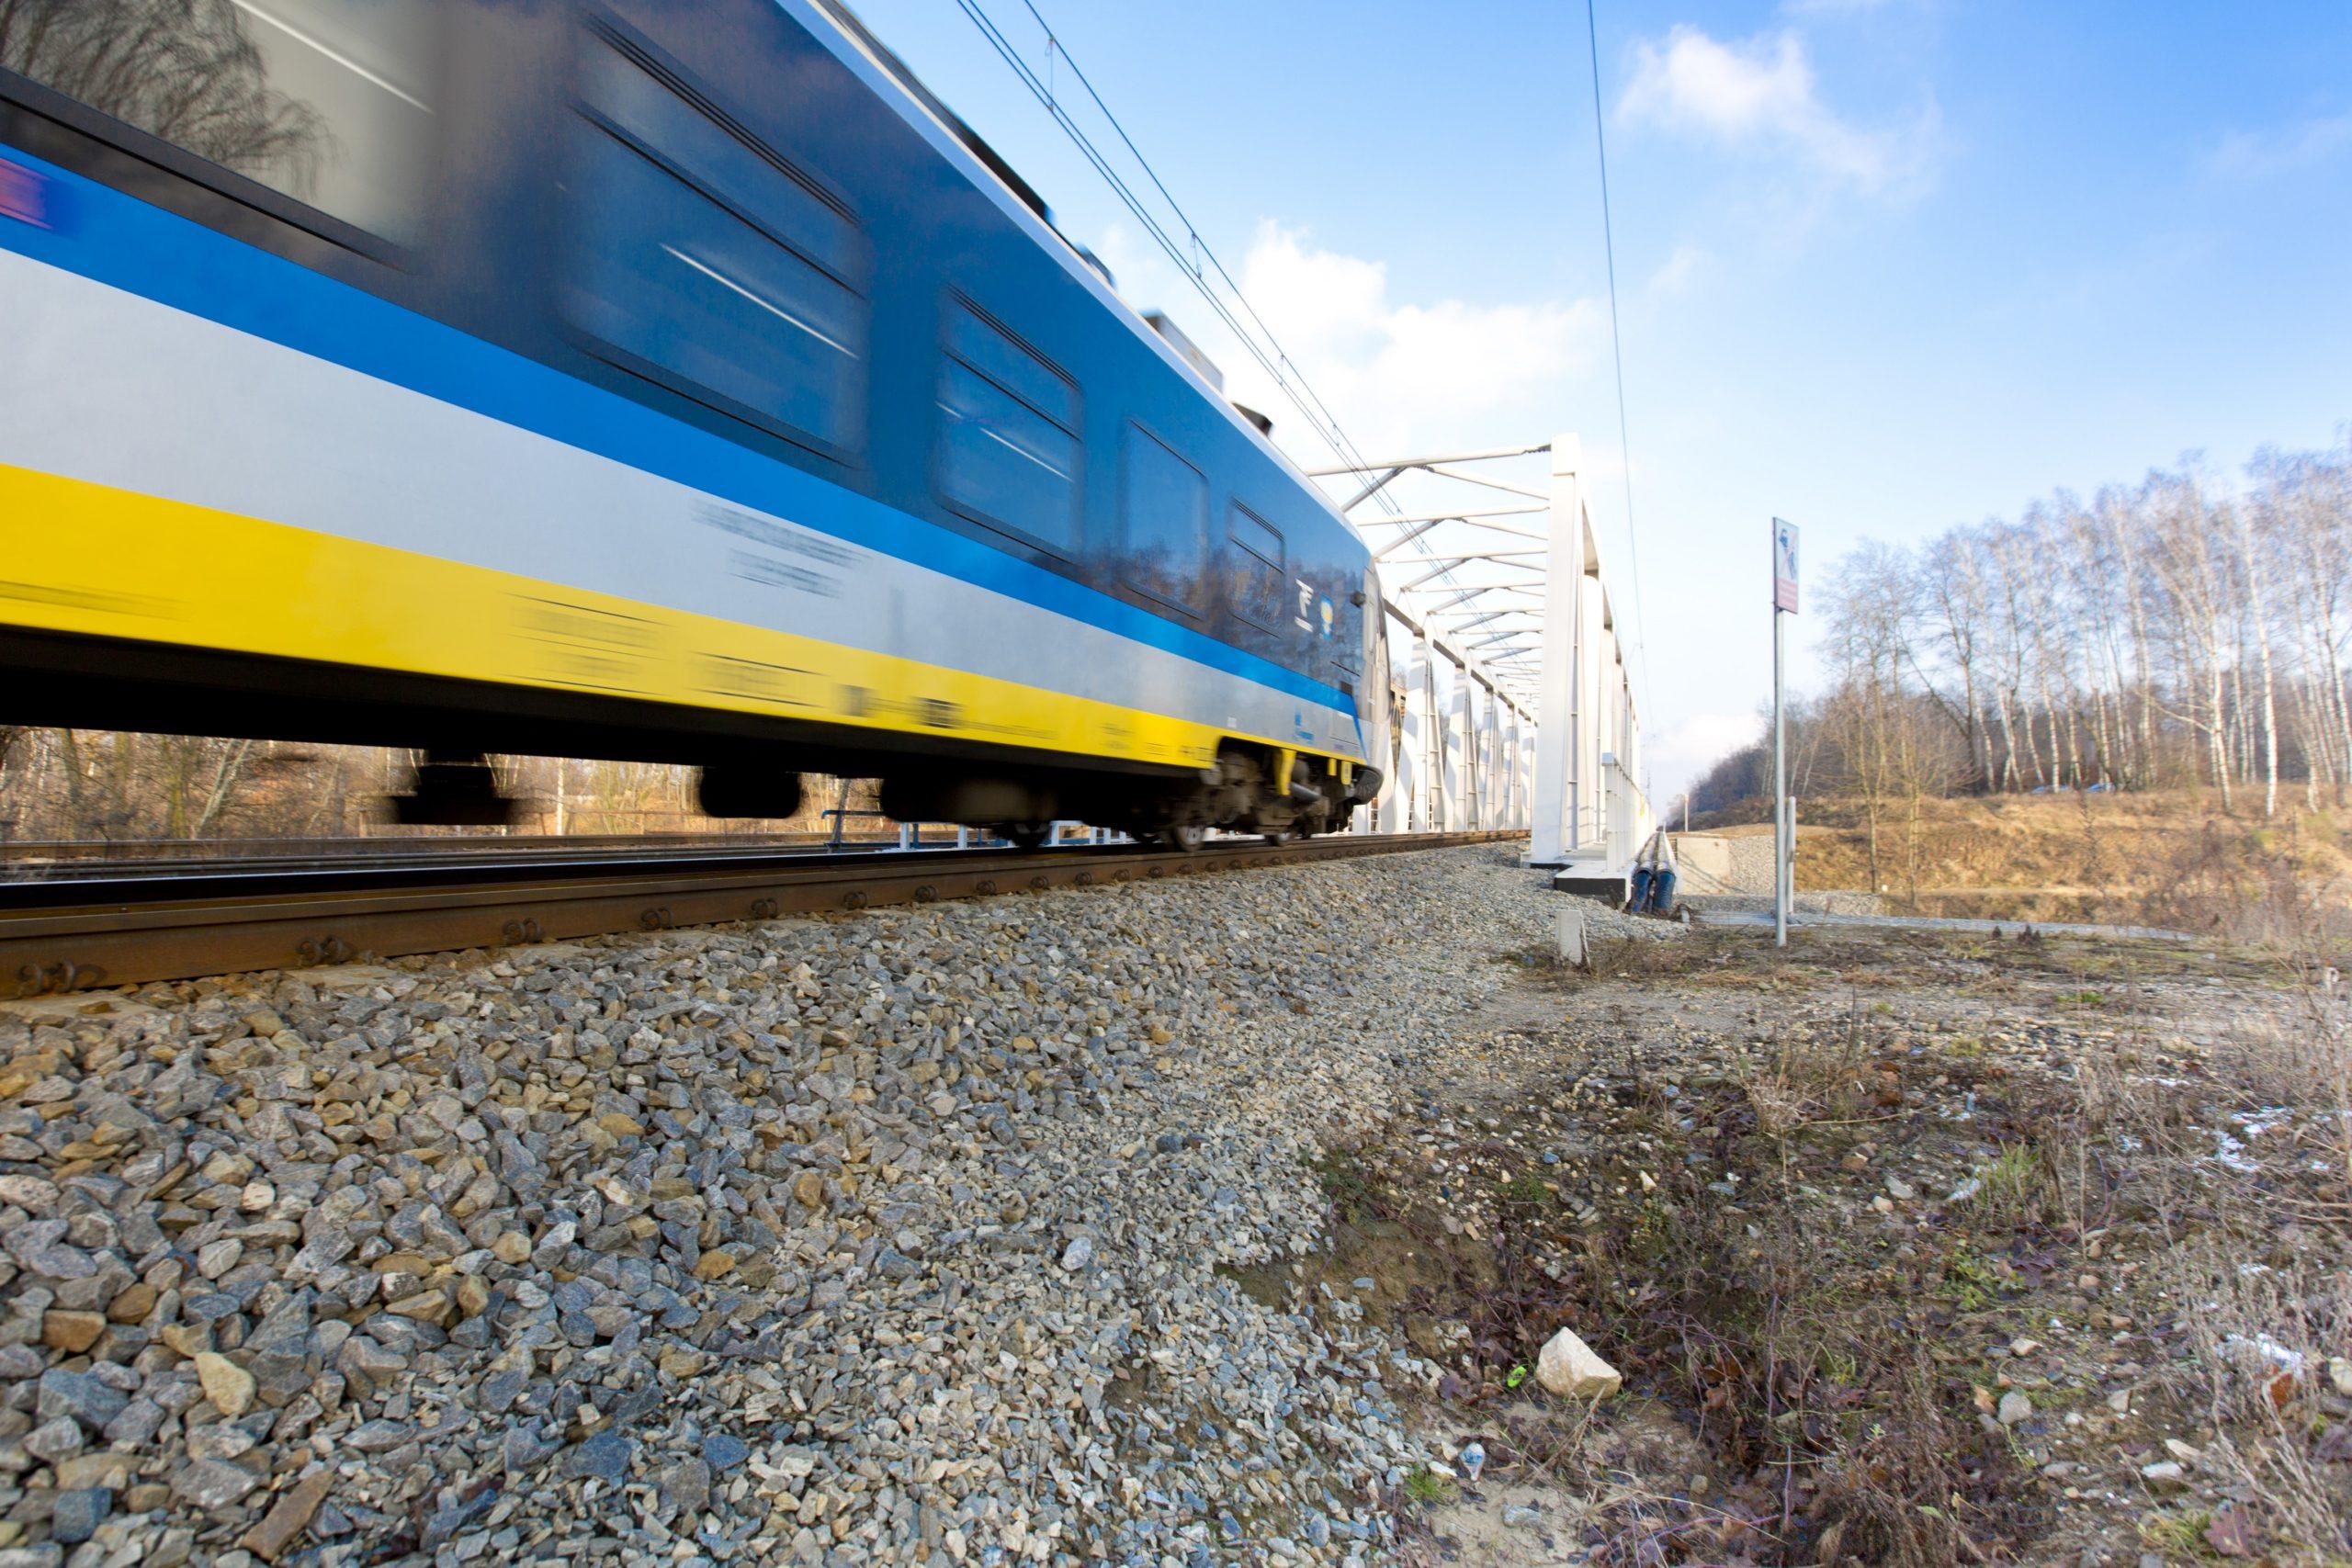 Zdjęcie: pociąg pasażerski wjeżdża na most kolejowy nad Kanałem Kędzierzyńskim.